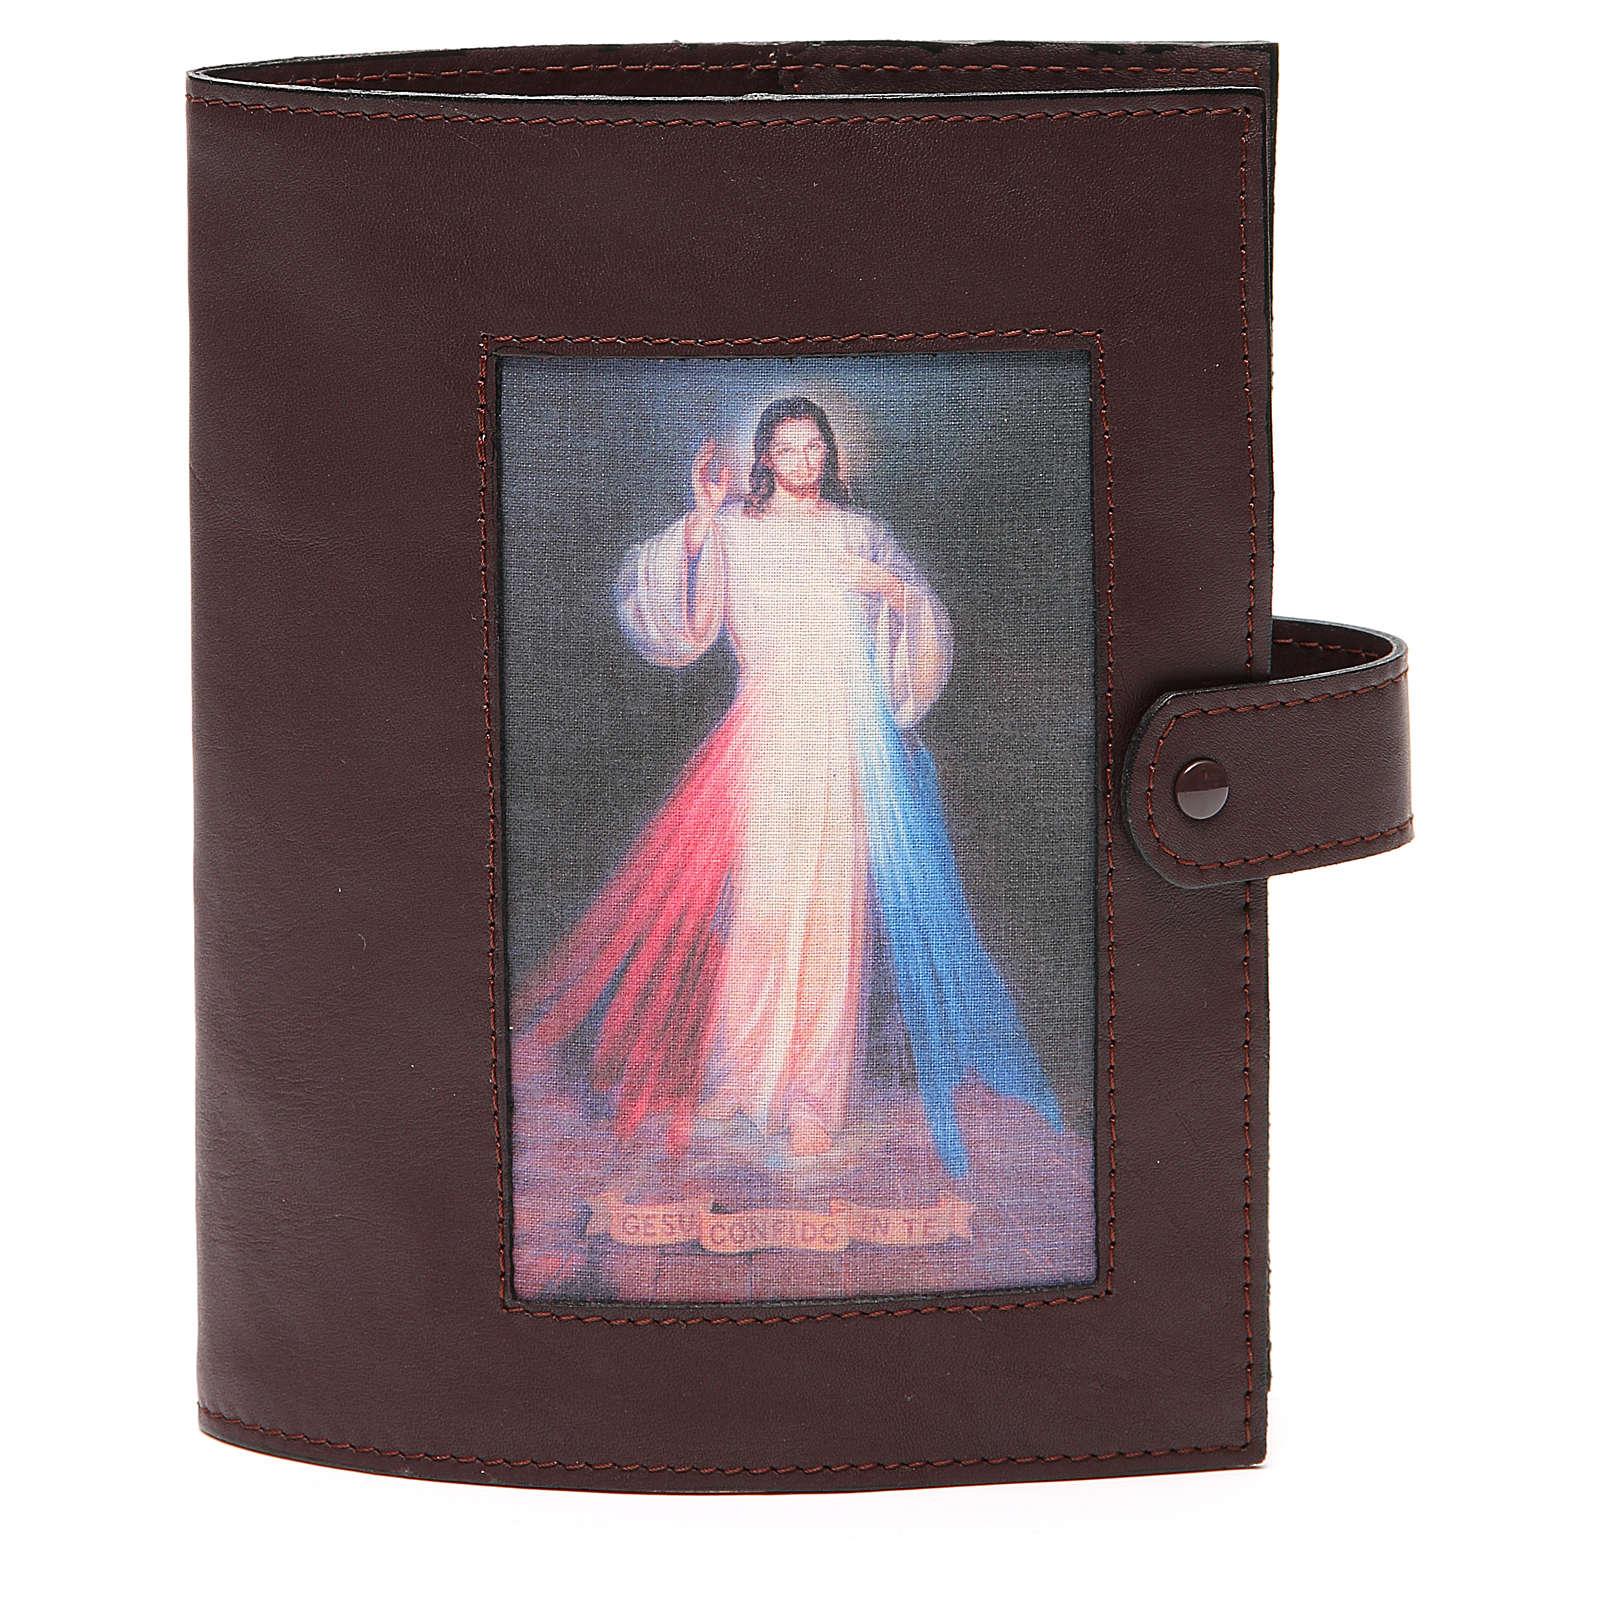 Couverture Bible Jérusalem brun foncé Christ Miséricordieux 4